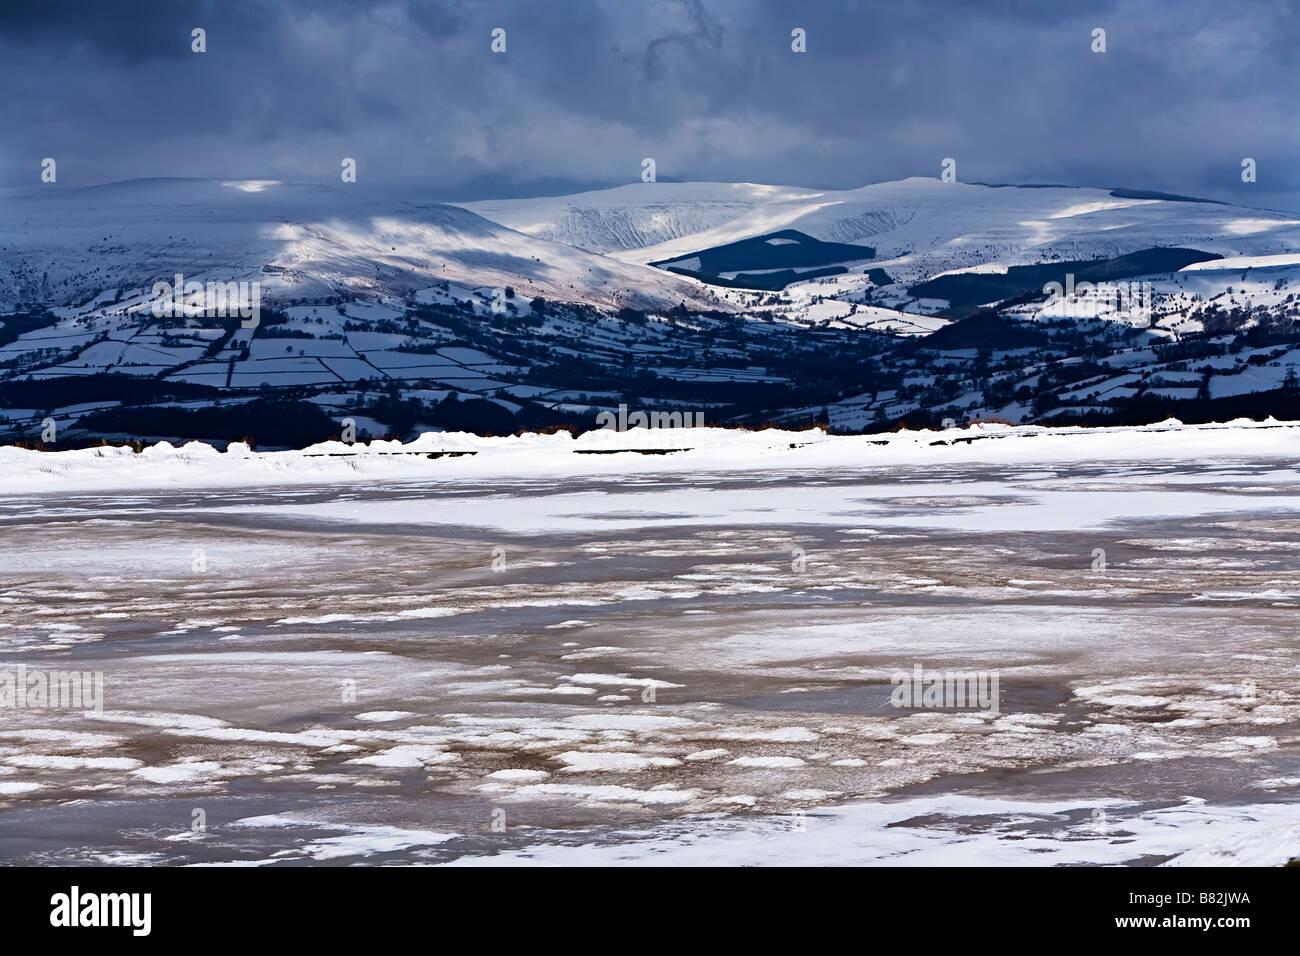 Tierpfleger-Teich im Winter gefroren, mit schwarzen Berge in Ferne Blorenge Wales UK Stockbild